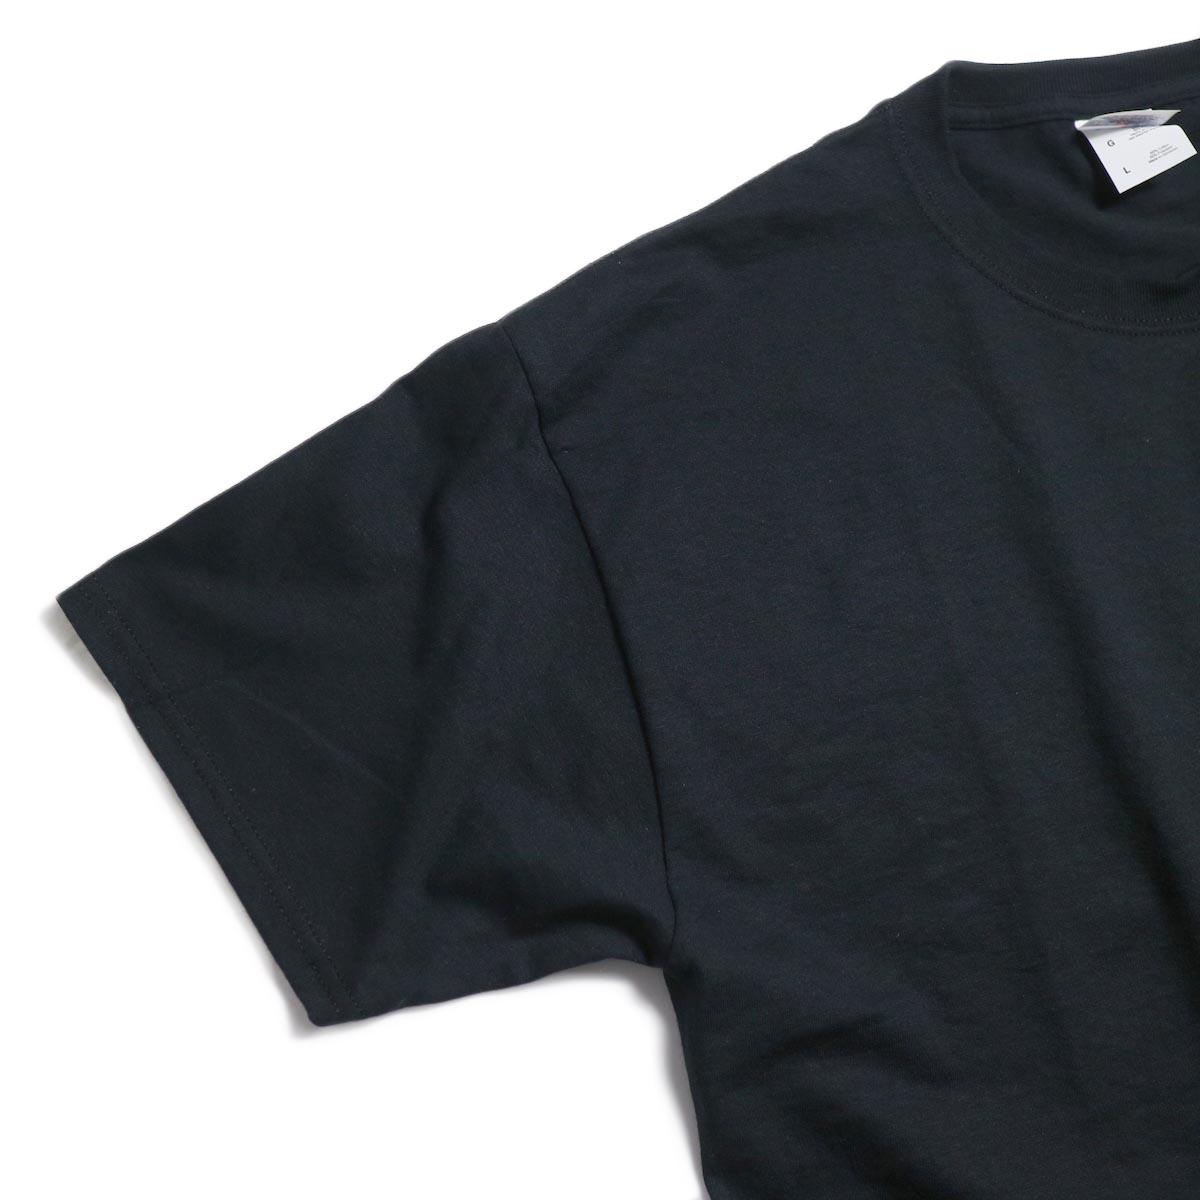 N.HOOLYWOOD × JERZEES  / 191-CS44-070 Short Sleeve Tee -Black 袖